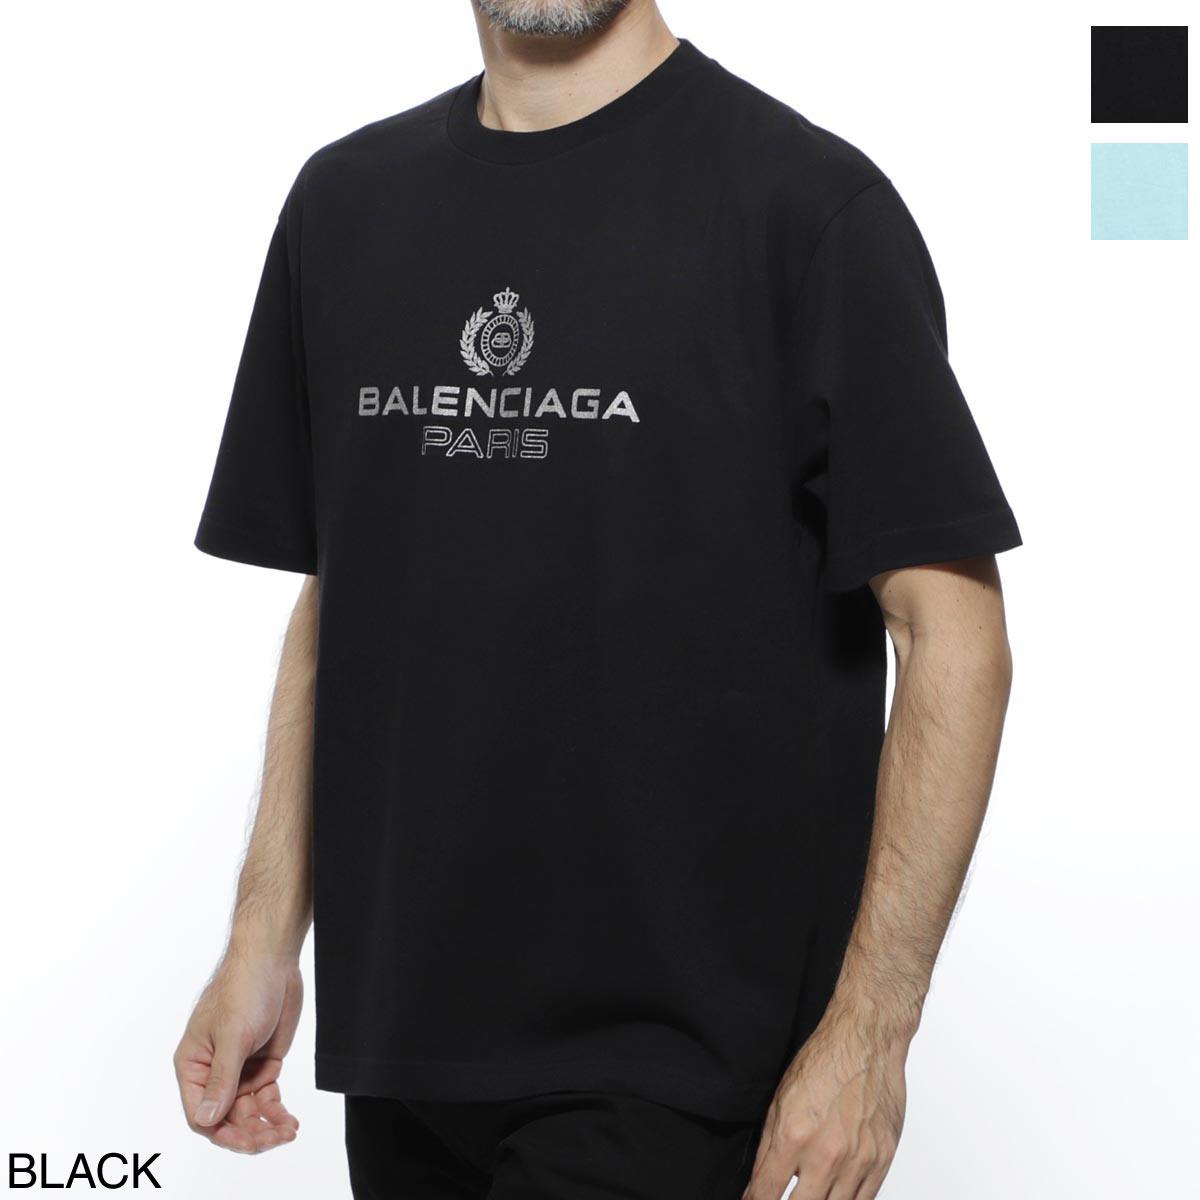 バレンシアガ BALENCIAGA クルーネック Tシャツ メンズ カジュアル トップス インナー 594579 tgv60 1000 BB PARIS REGULAR T-SHIRT 【あす楽対応_関東】【返品送料無料】【ラッピング無料】